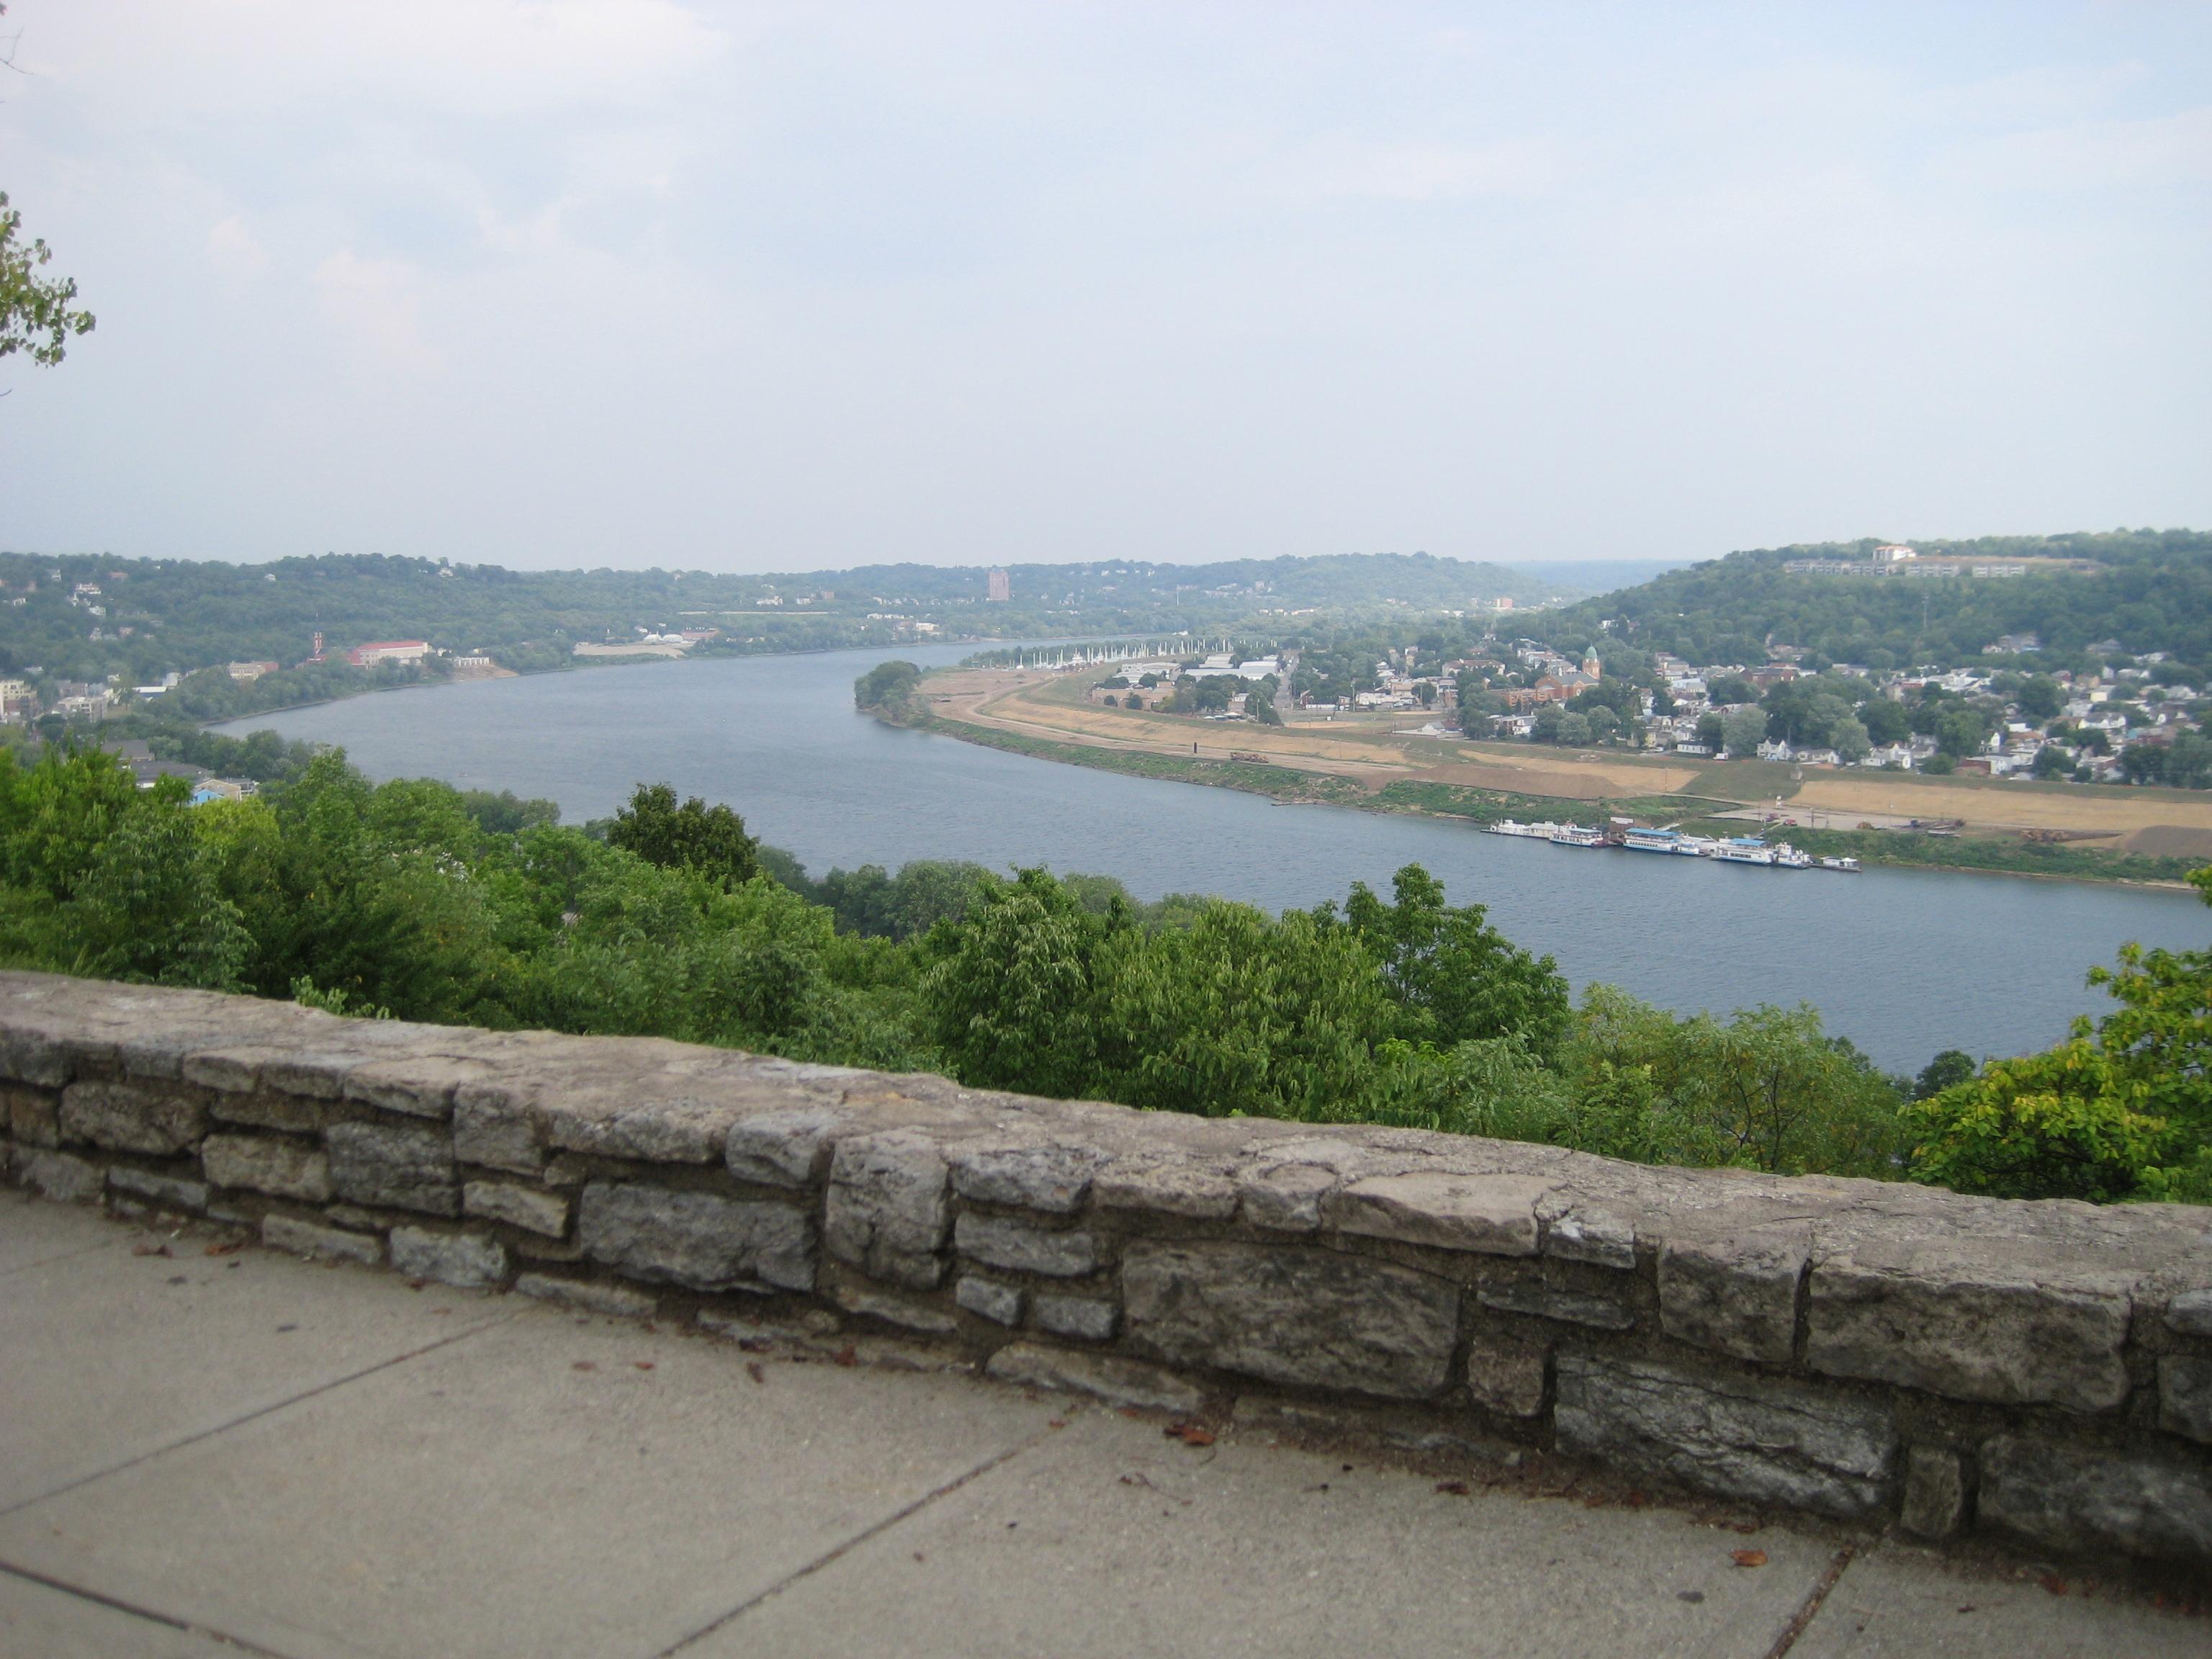 Photo Of Ohio River From Eden Park Overlook In Cincinnati